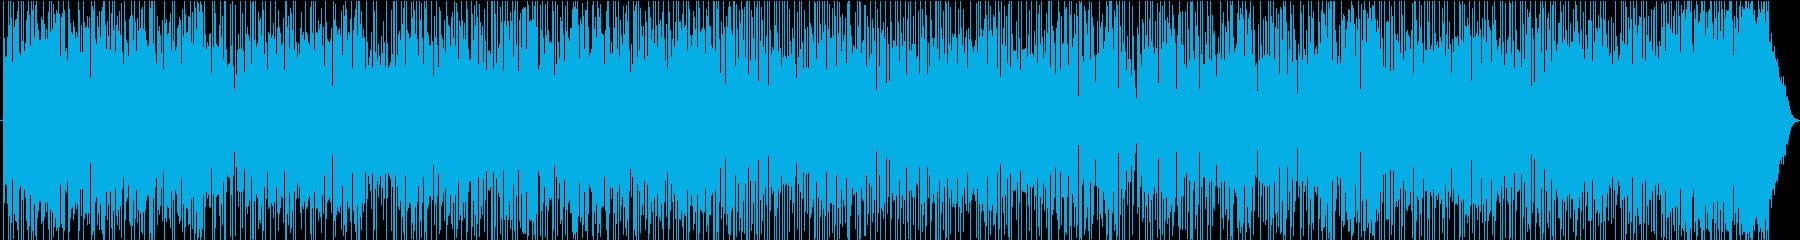 ボサノバ、ピアノバー。フルートソロの再生済みの波形